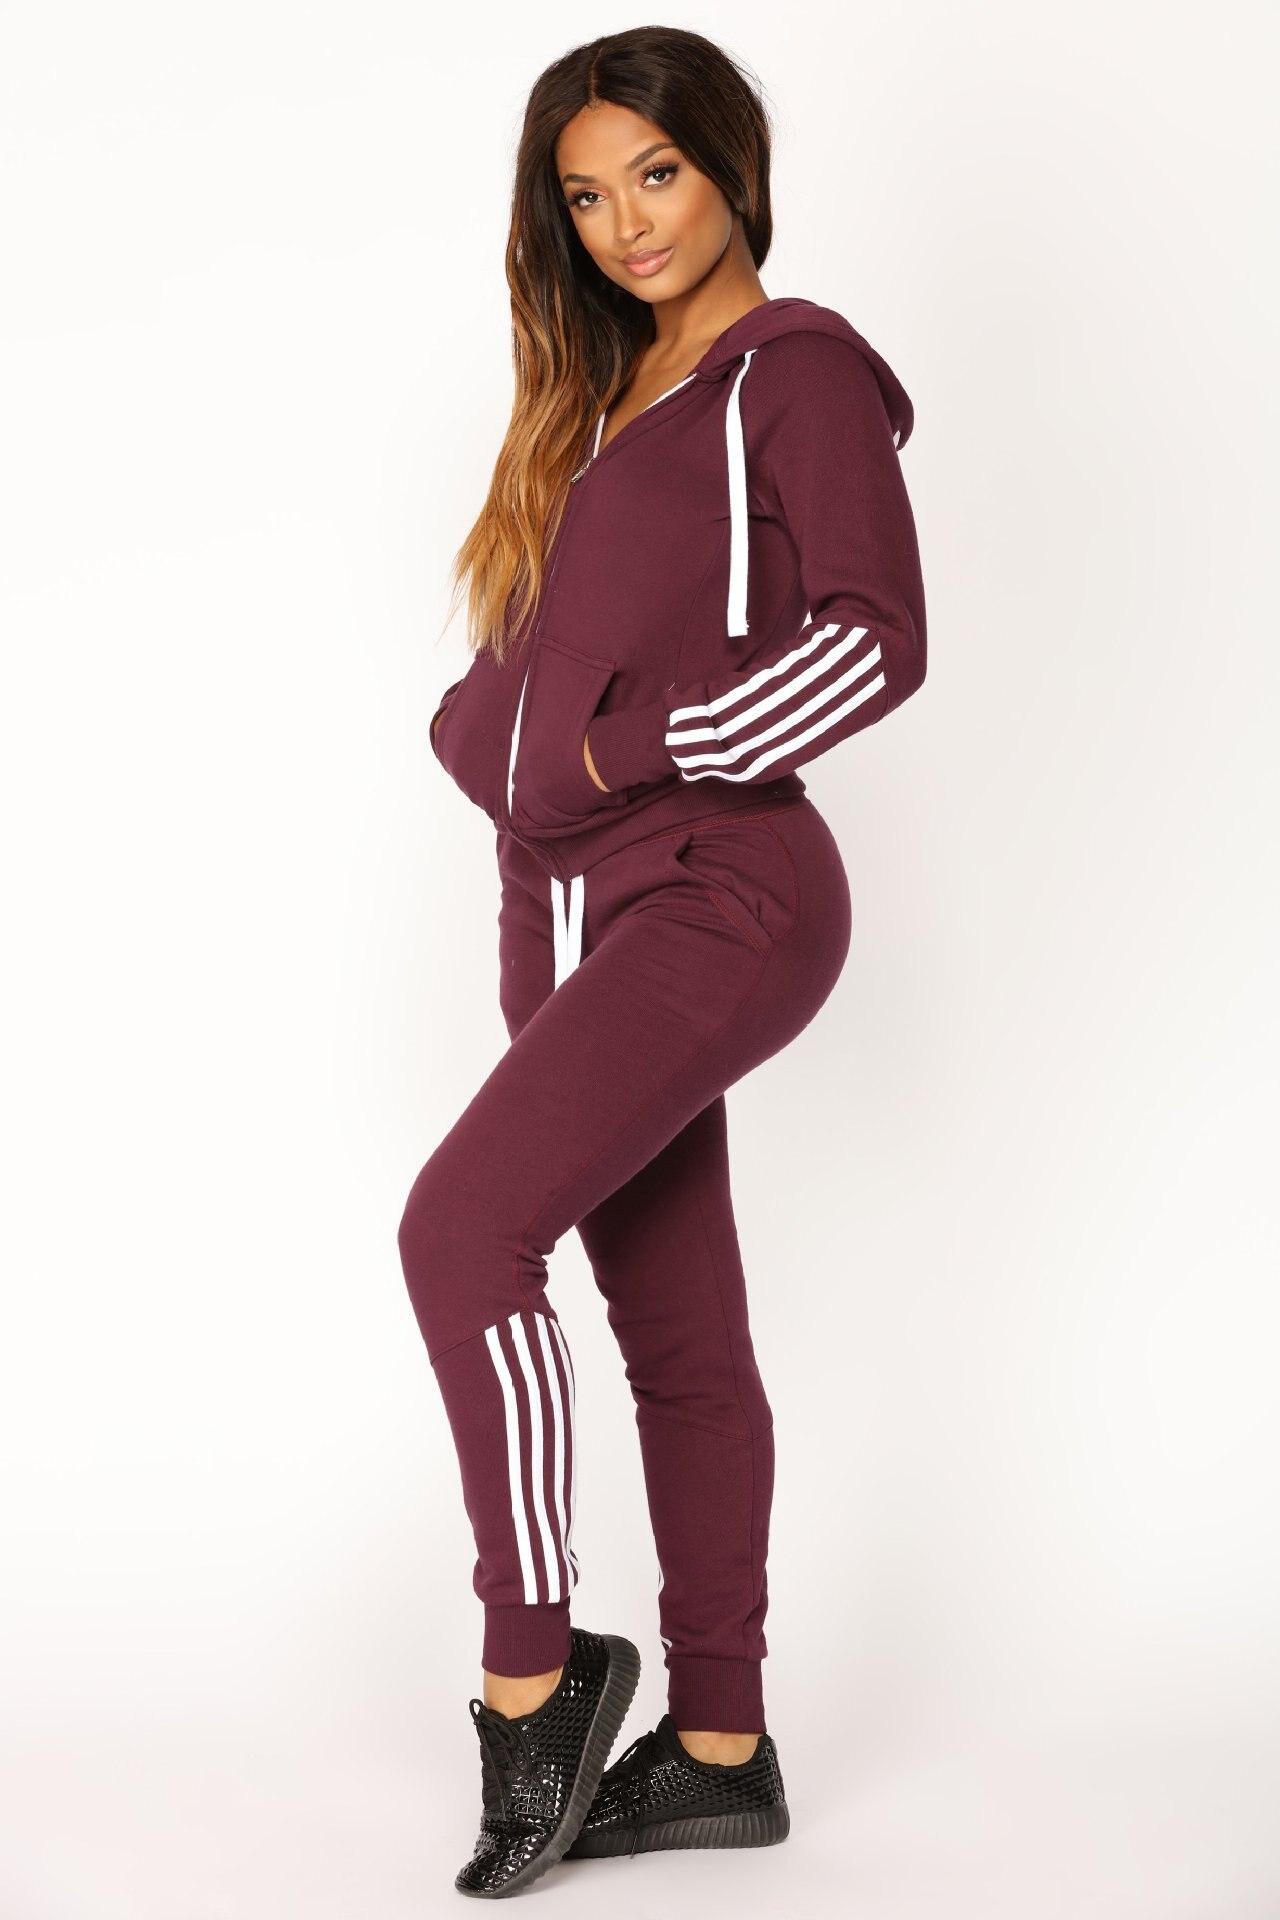 Nouveaux vêtements pour femmes: gardes à manches longues, pantalons et tenues de sport en Europe et en amérique